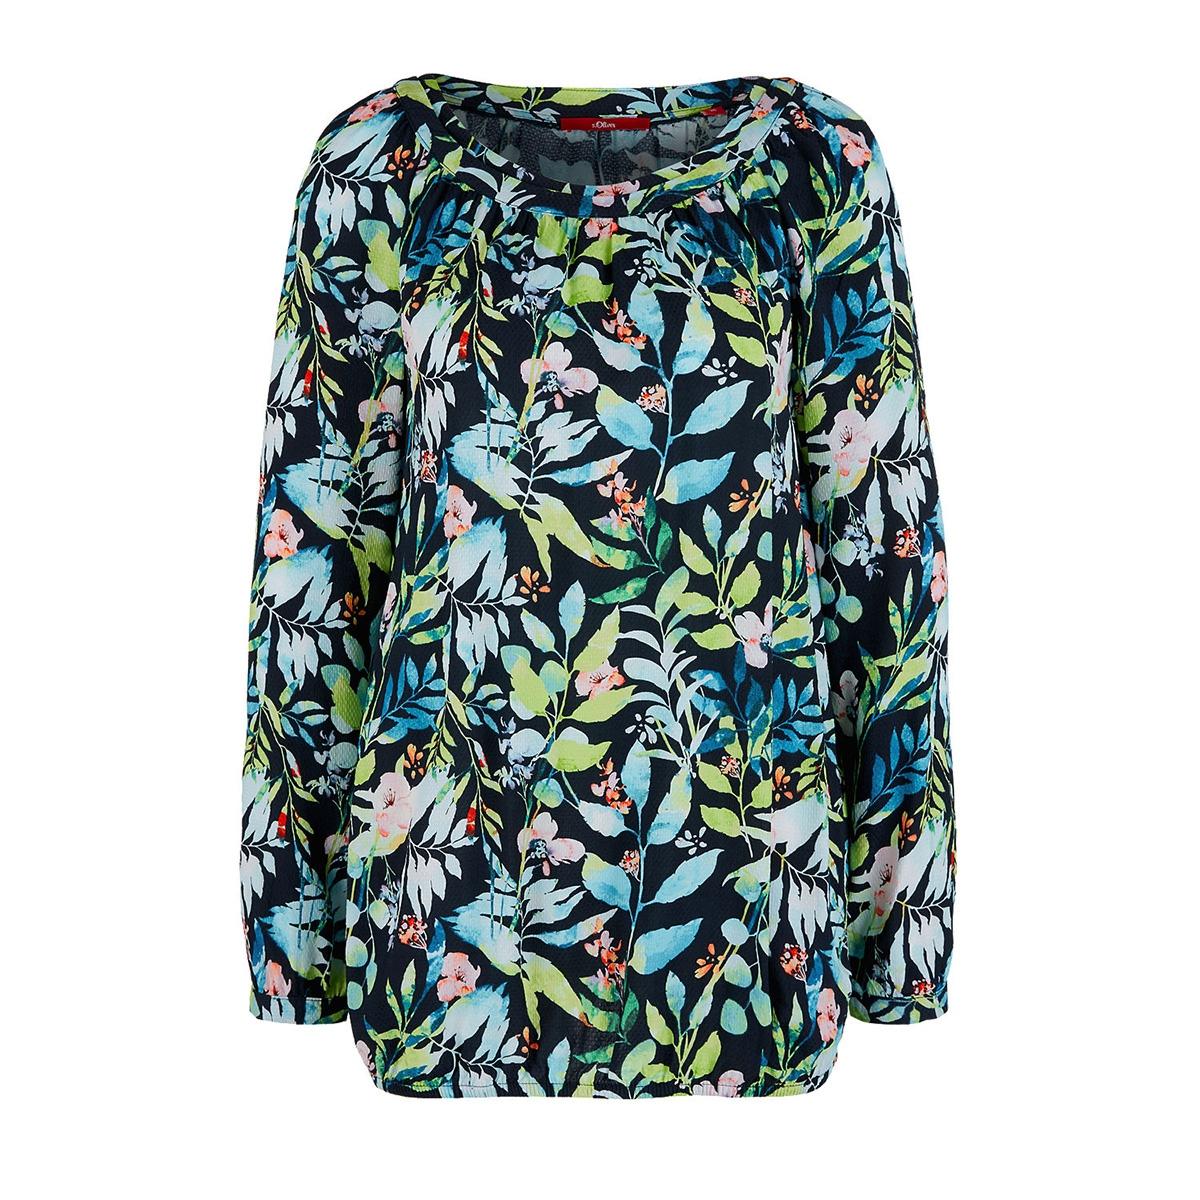 blouse met een bloemenpatroon 04899116081 s.oliver blouse 59a2